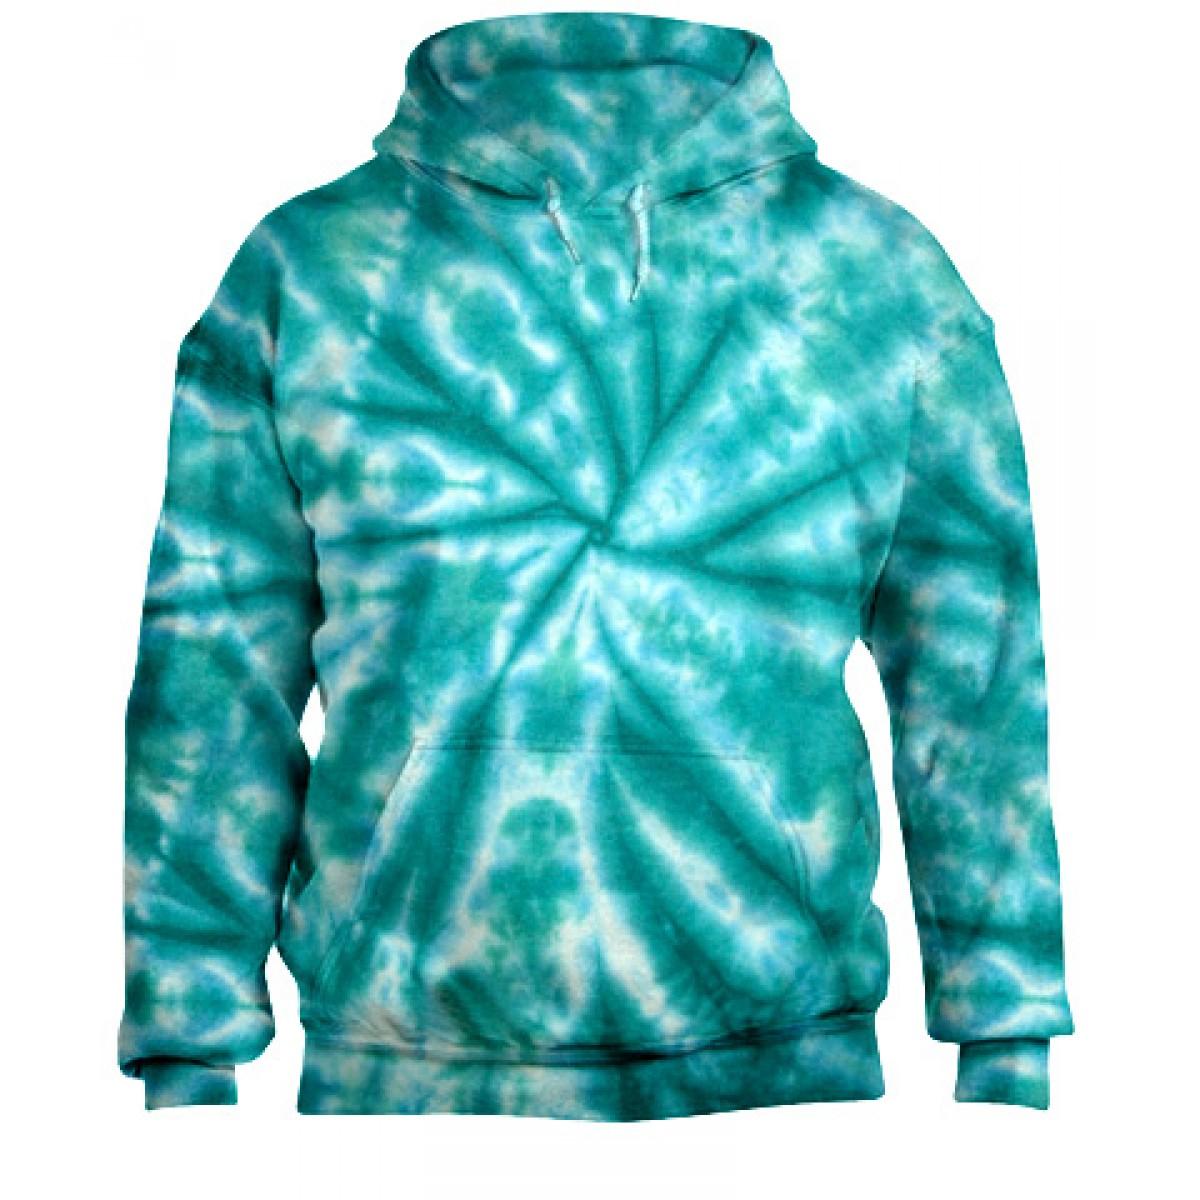 Tie-Dye Pullover Hooded Sweatshirt-Jade-S